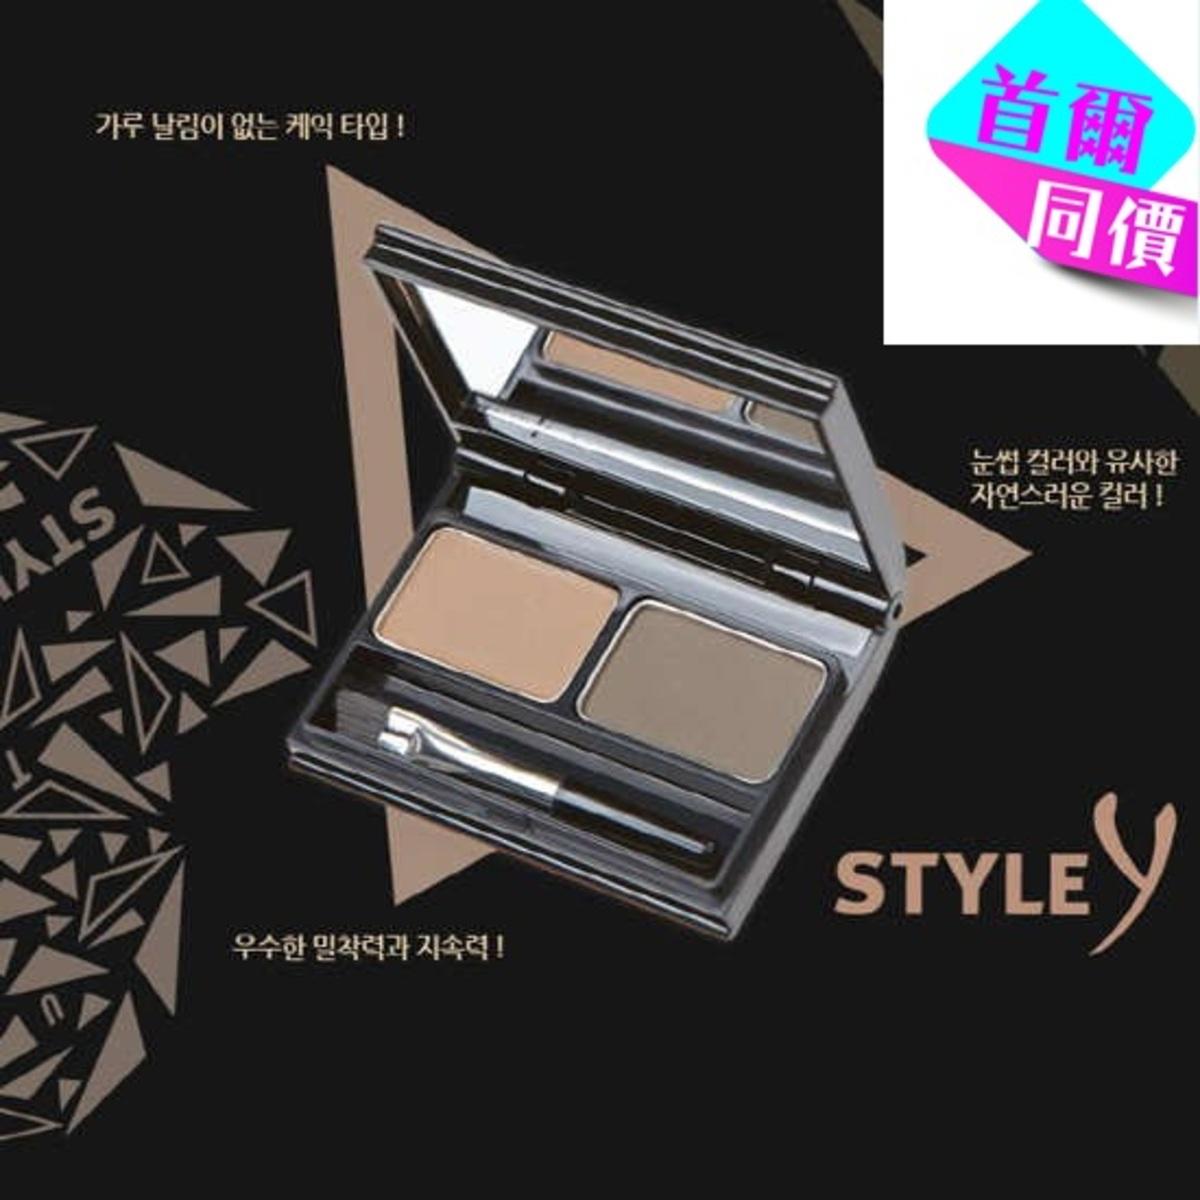 Style Y 自然素描深/淺啡色雙色眉粉